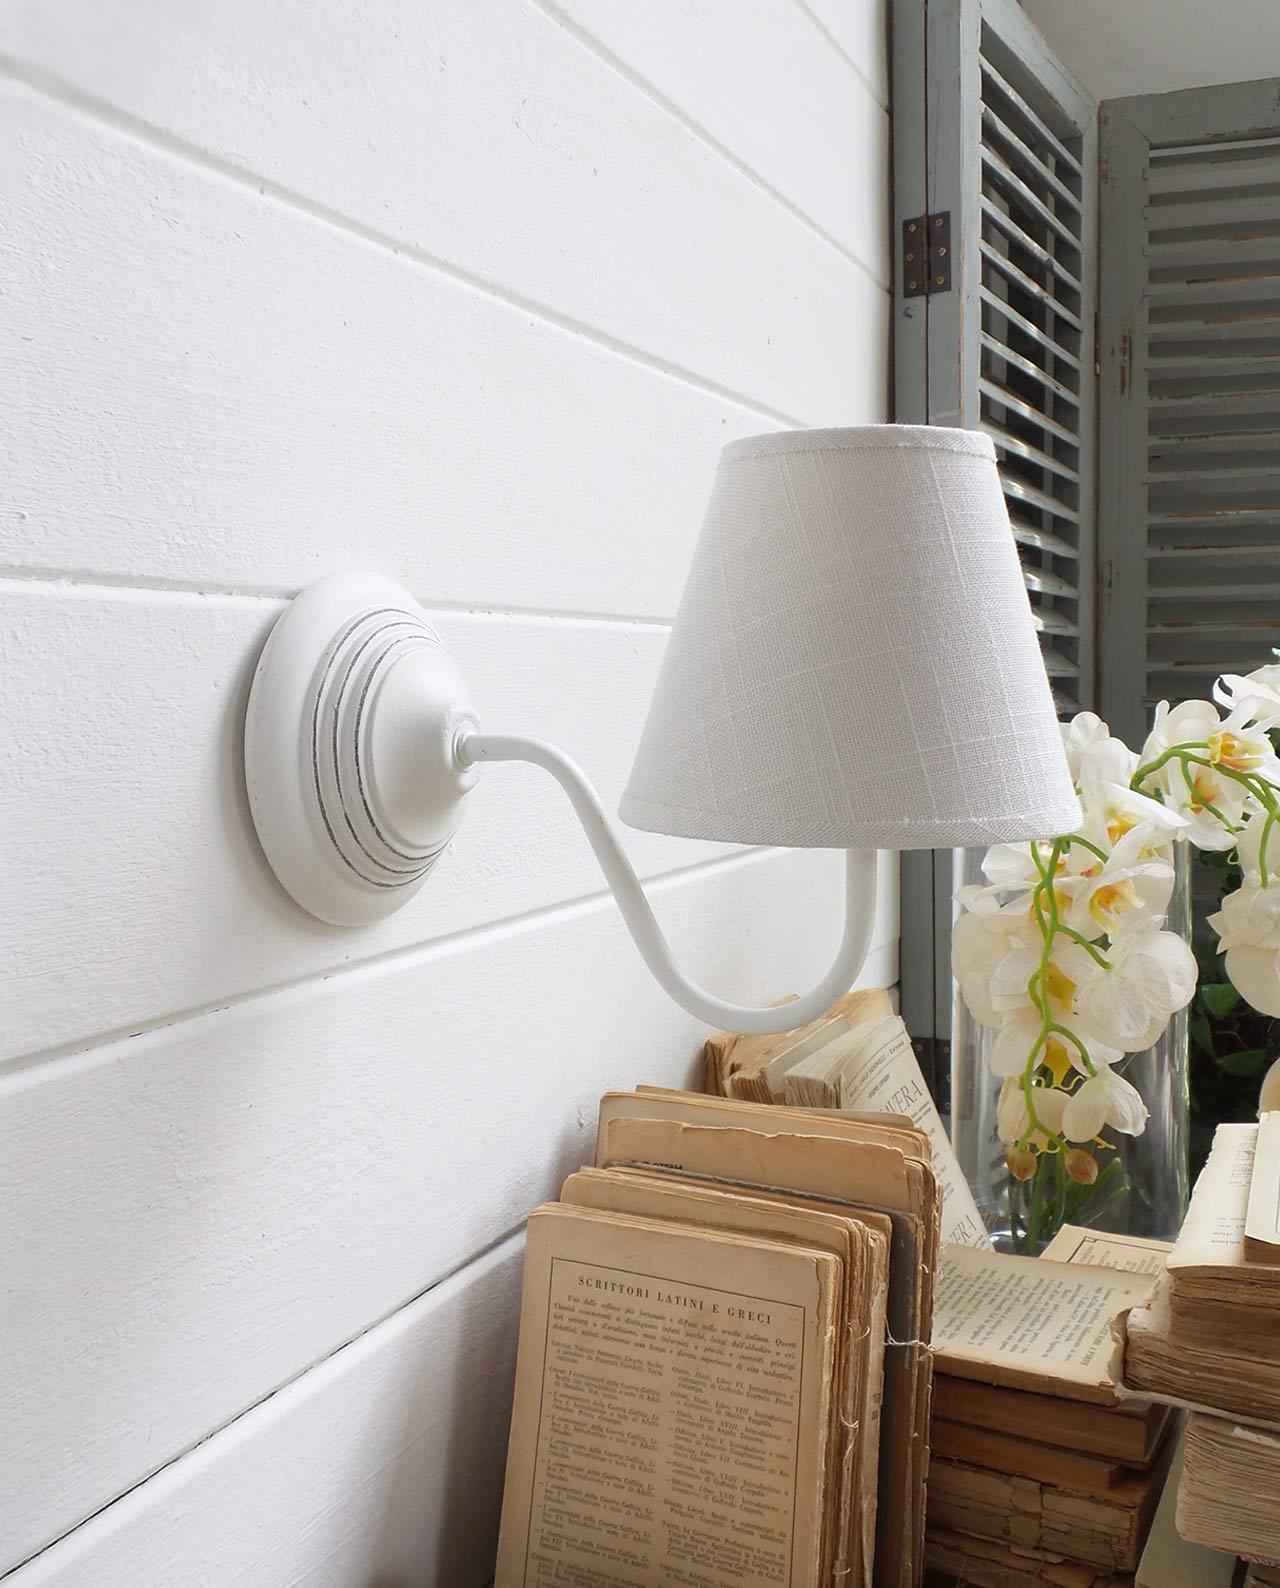 Applique tonda in legno bianco set 2 pz mobilia store for Applique da parete legno